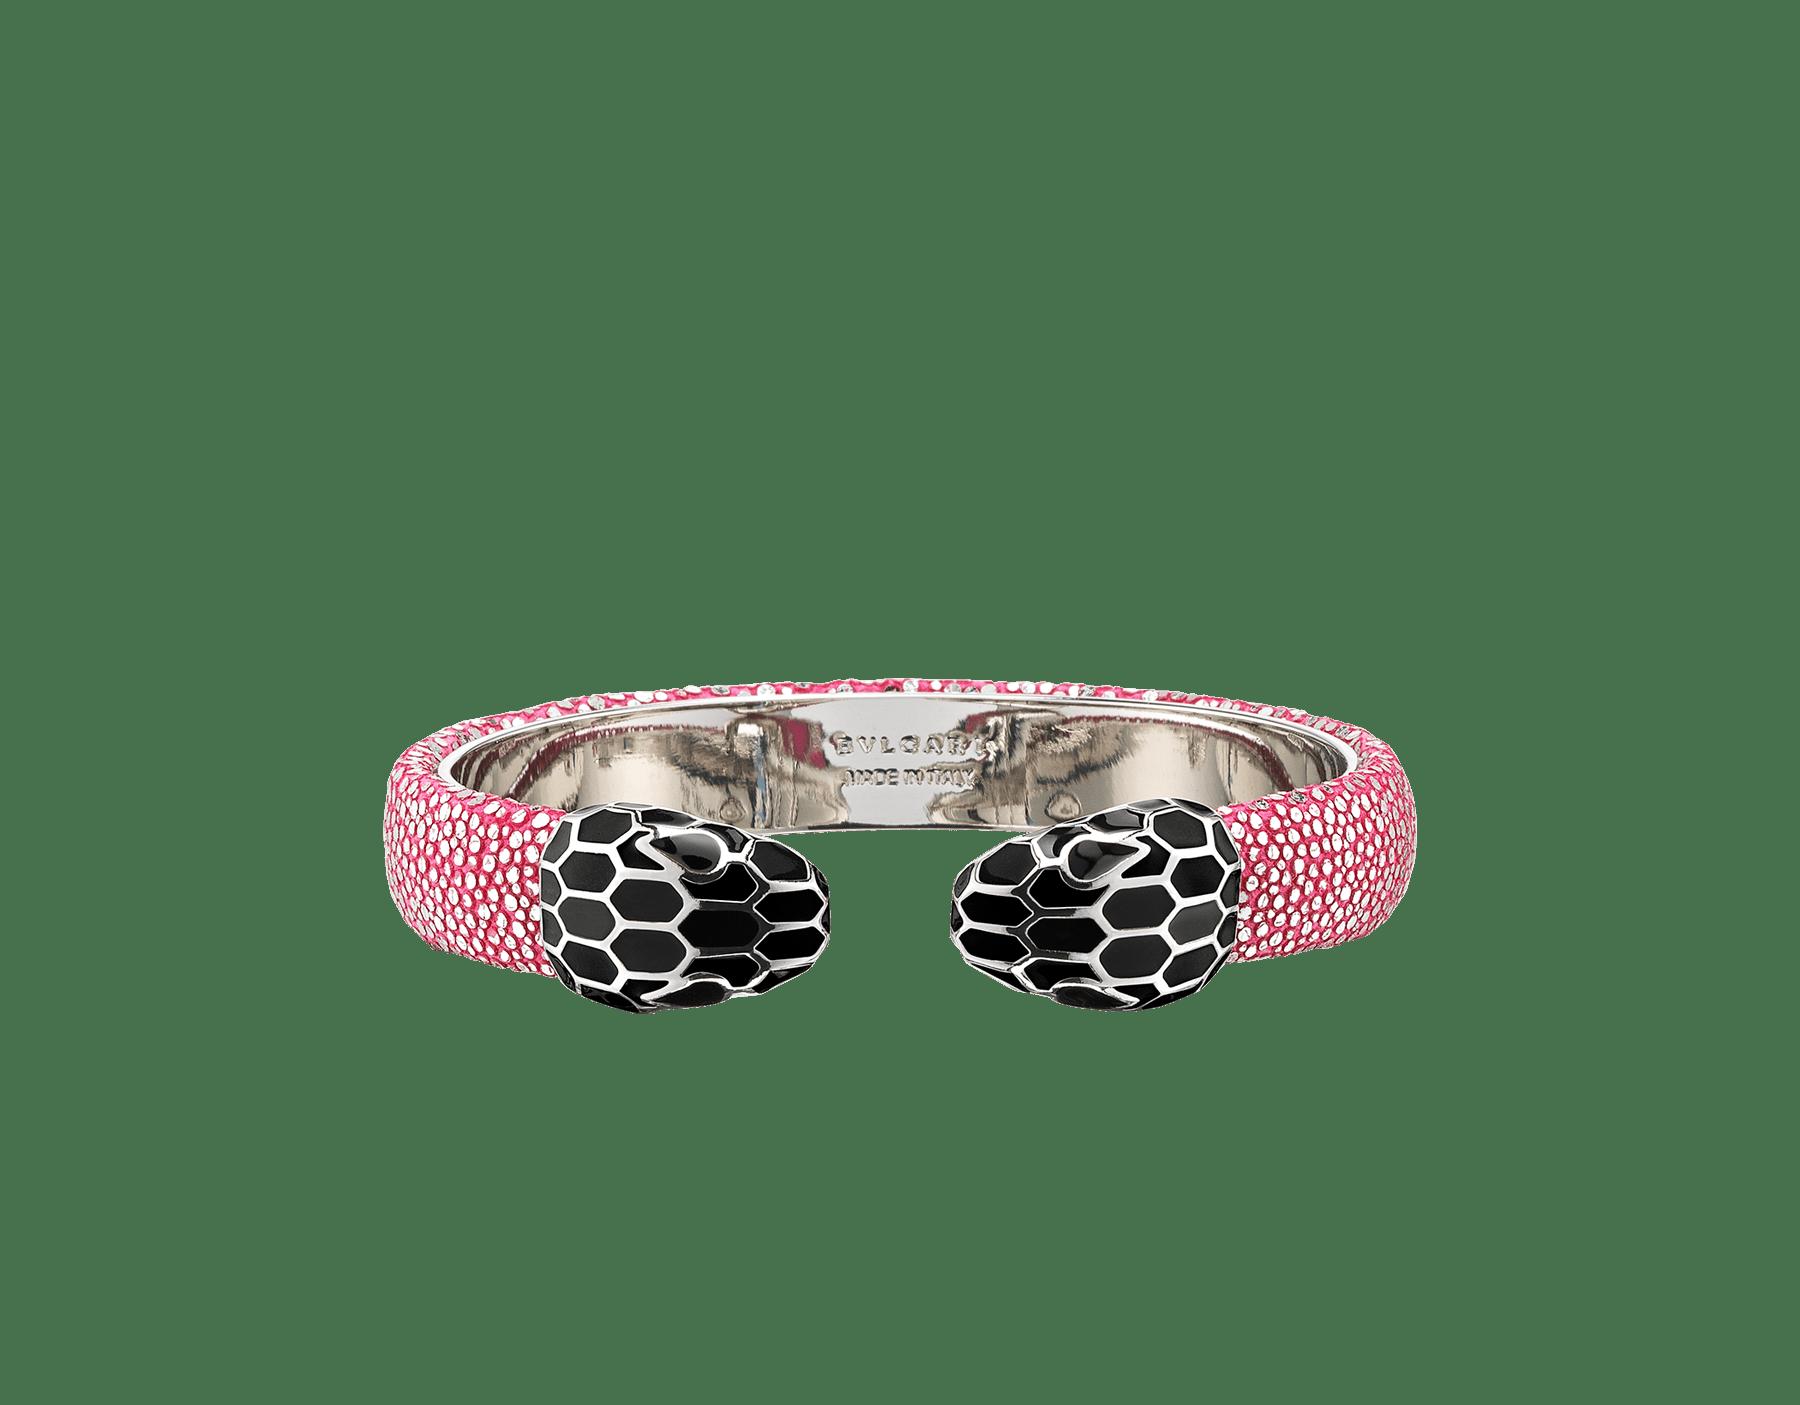 Bracelet jonc Serpenti Forever en galuchat cristal couleur Flash Amethyst avec détails en laiton. Motif en miroir Serpenti emblématique en émail noir avec yeux en émail noir. 289275 image 1